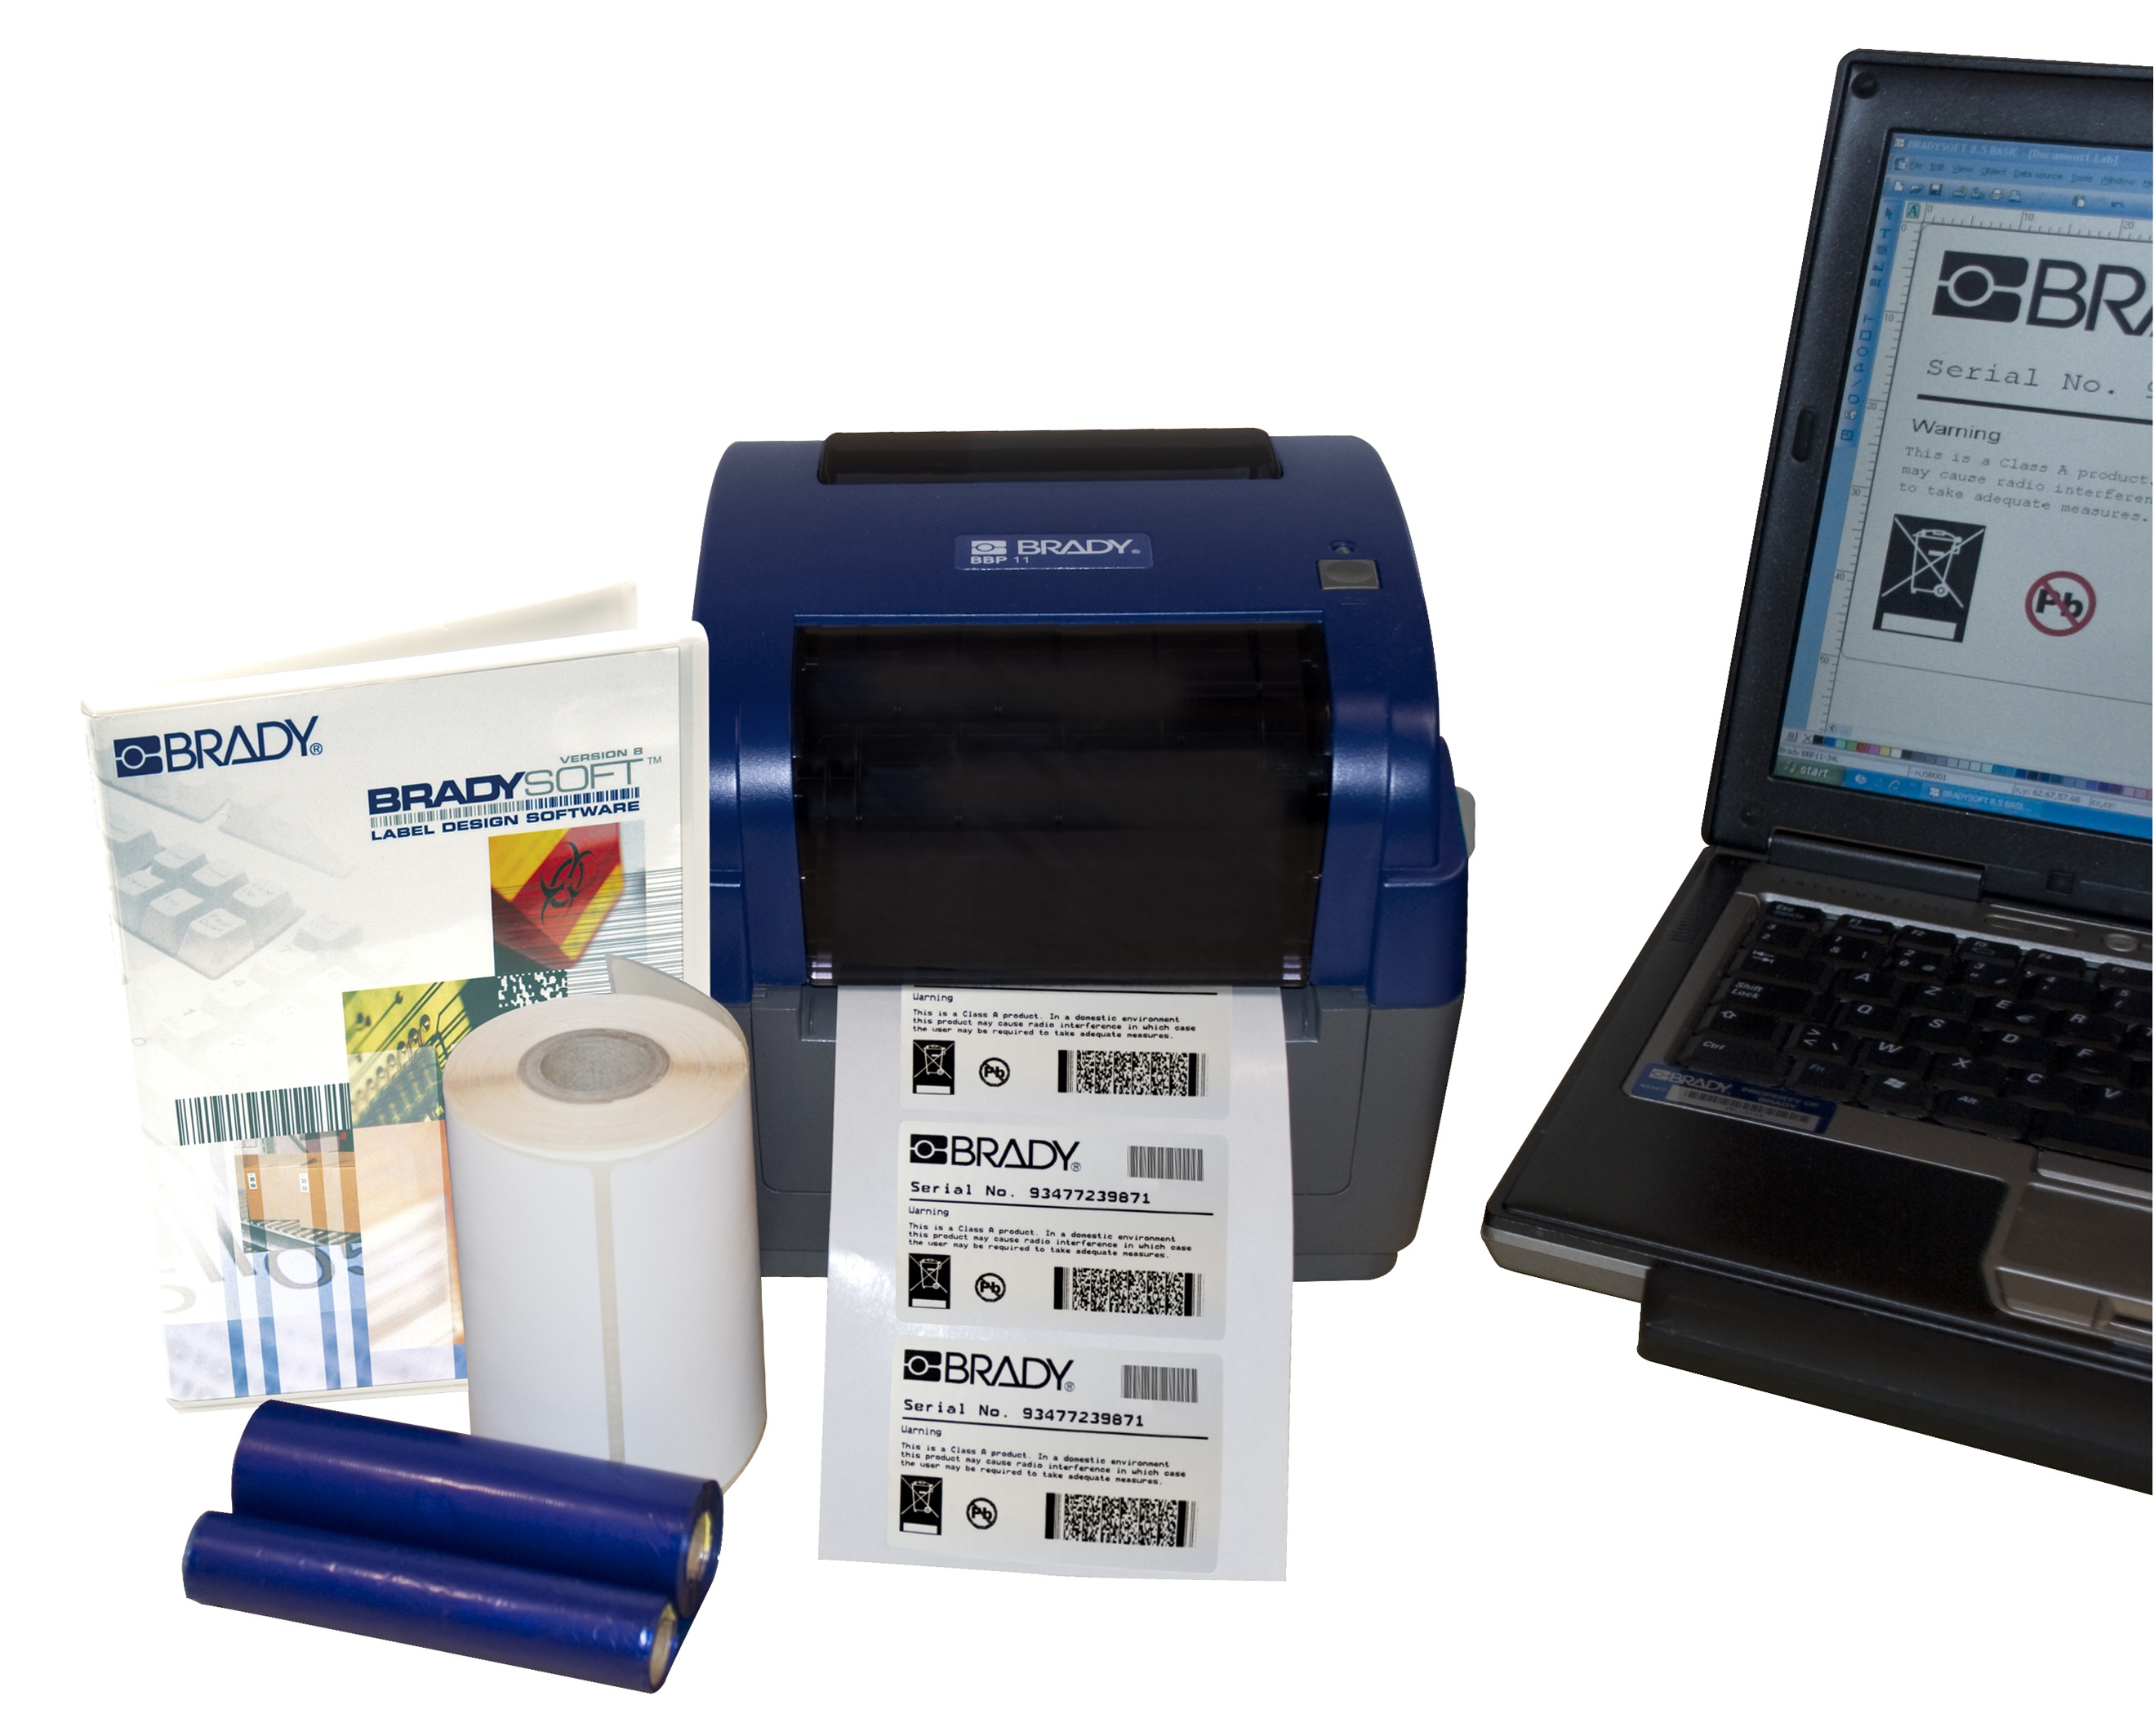 Brady BBP11 Label printer